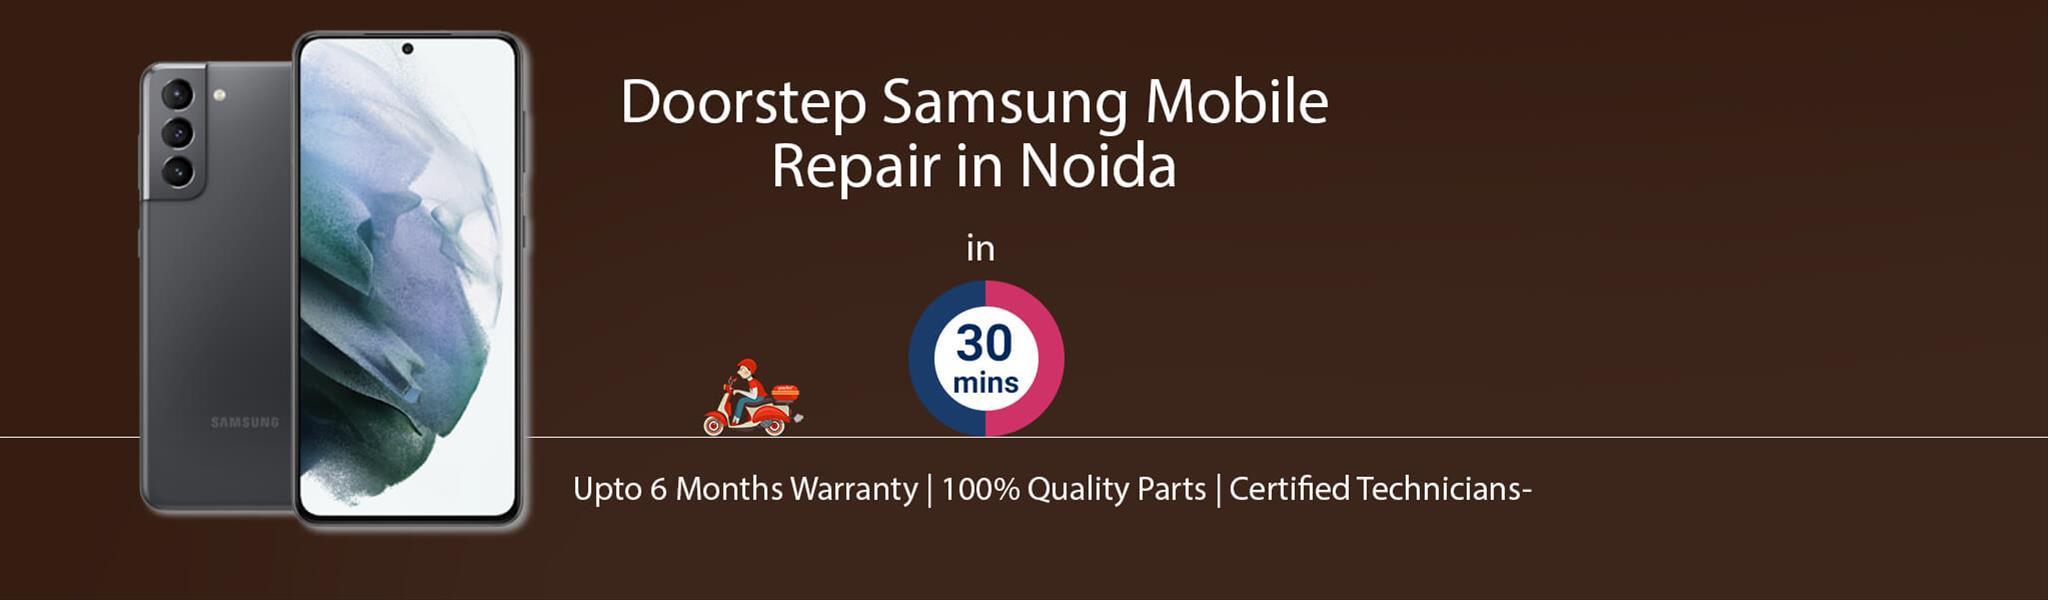 samsung-repair-in-noida.jpg